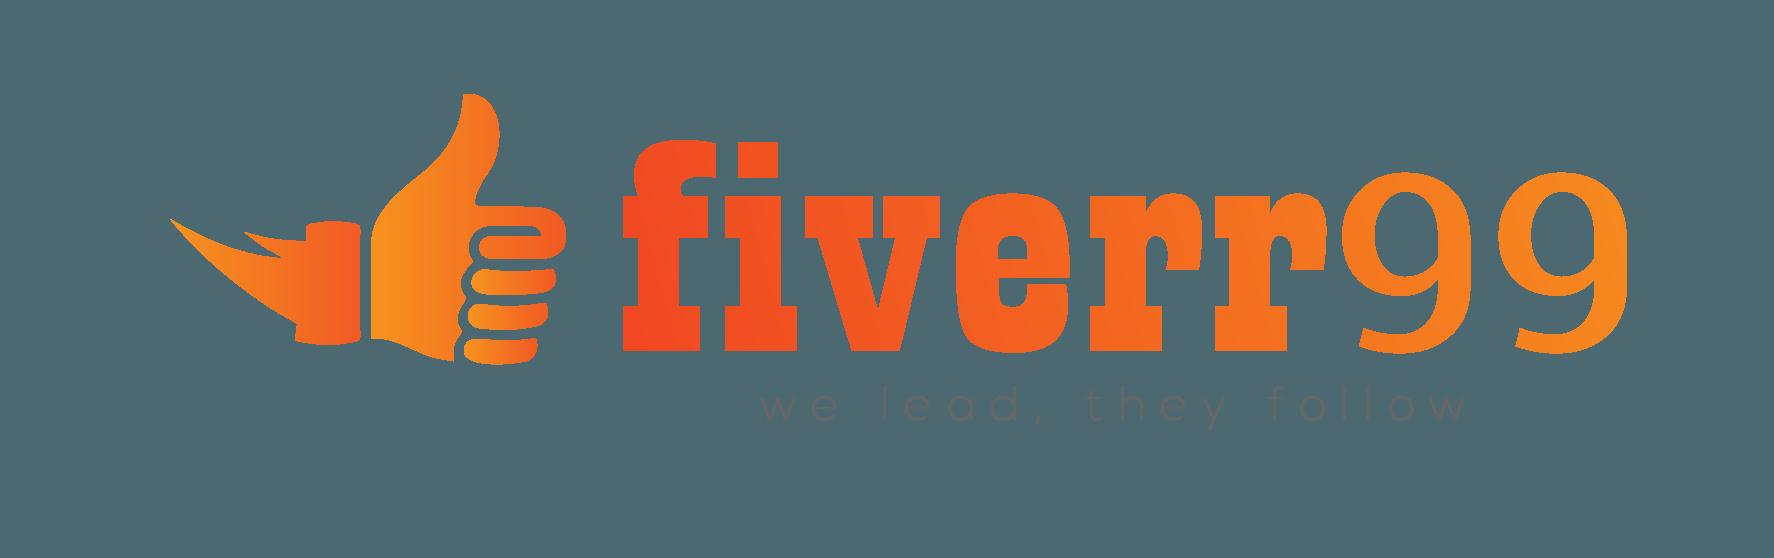 fiverr99.com